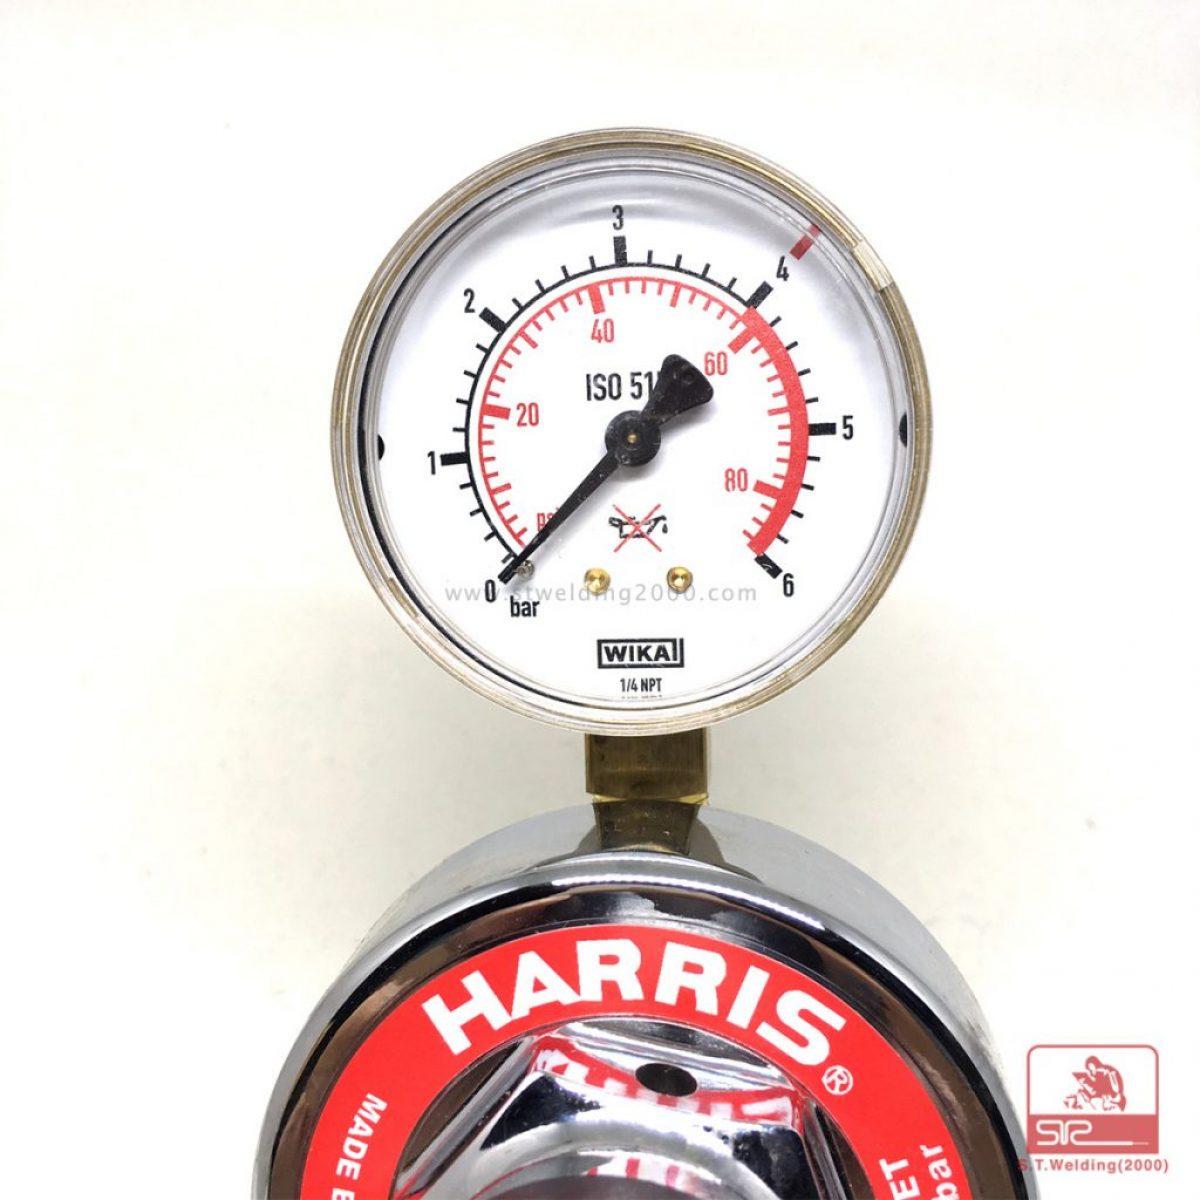 เกจ์ LPG HARRIS 847 (LPG)